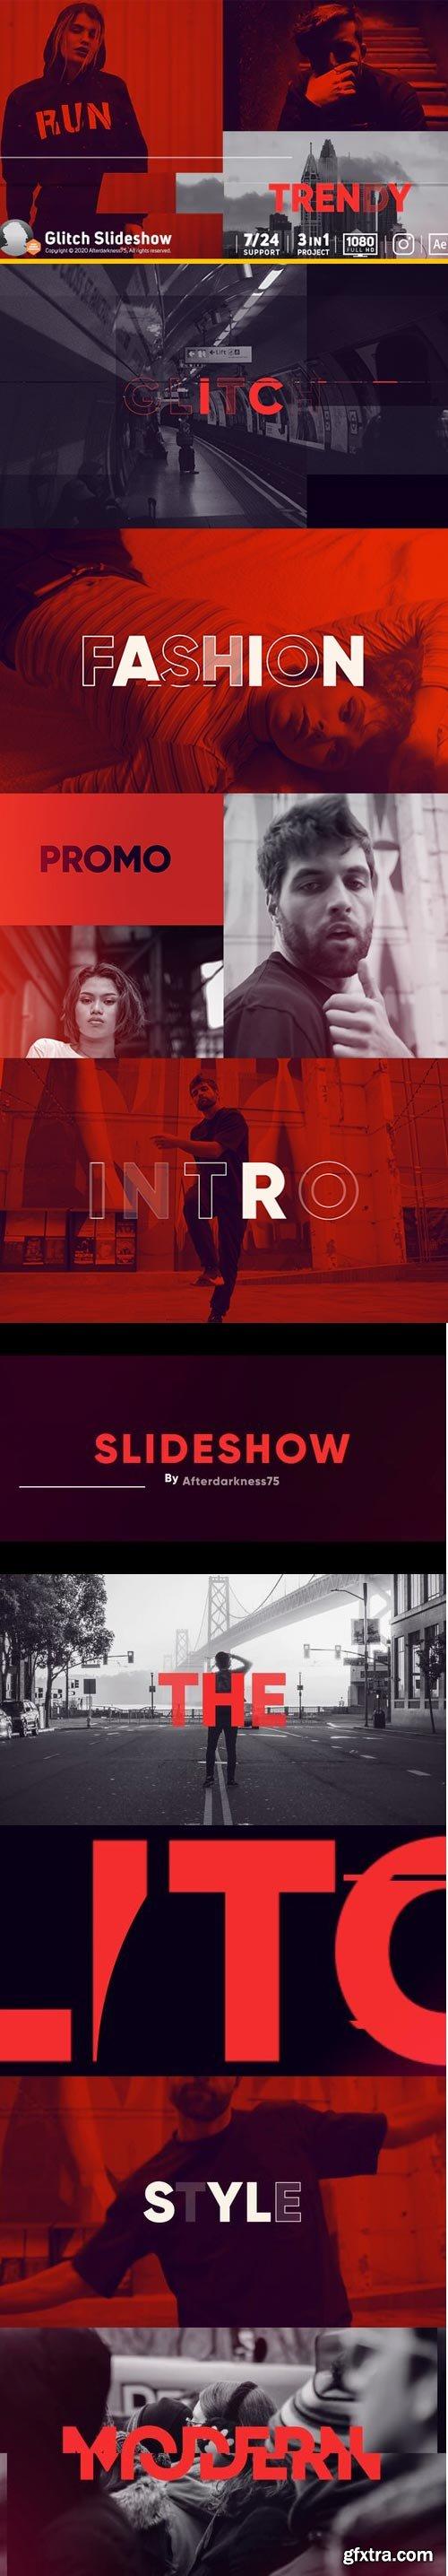 Videohive - Glitch Photo Slideshow - 25595316